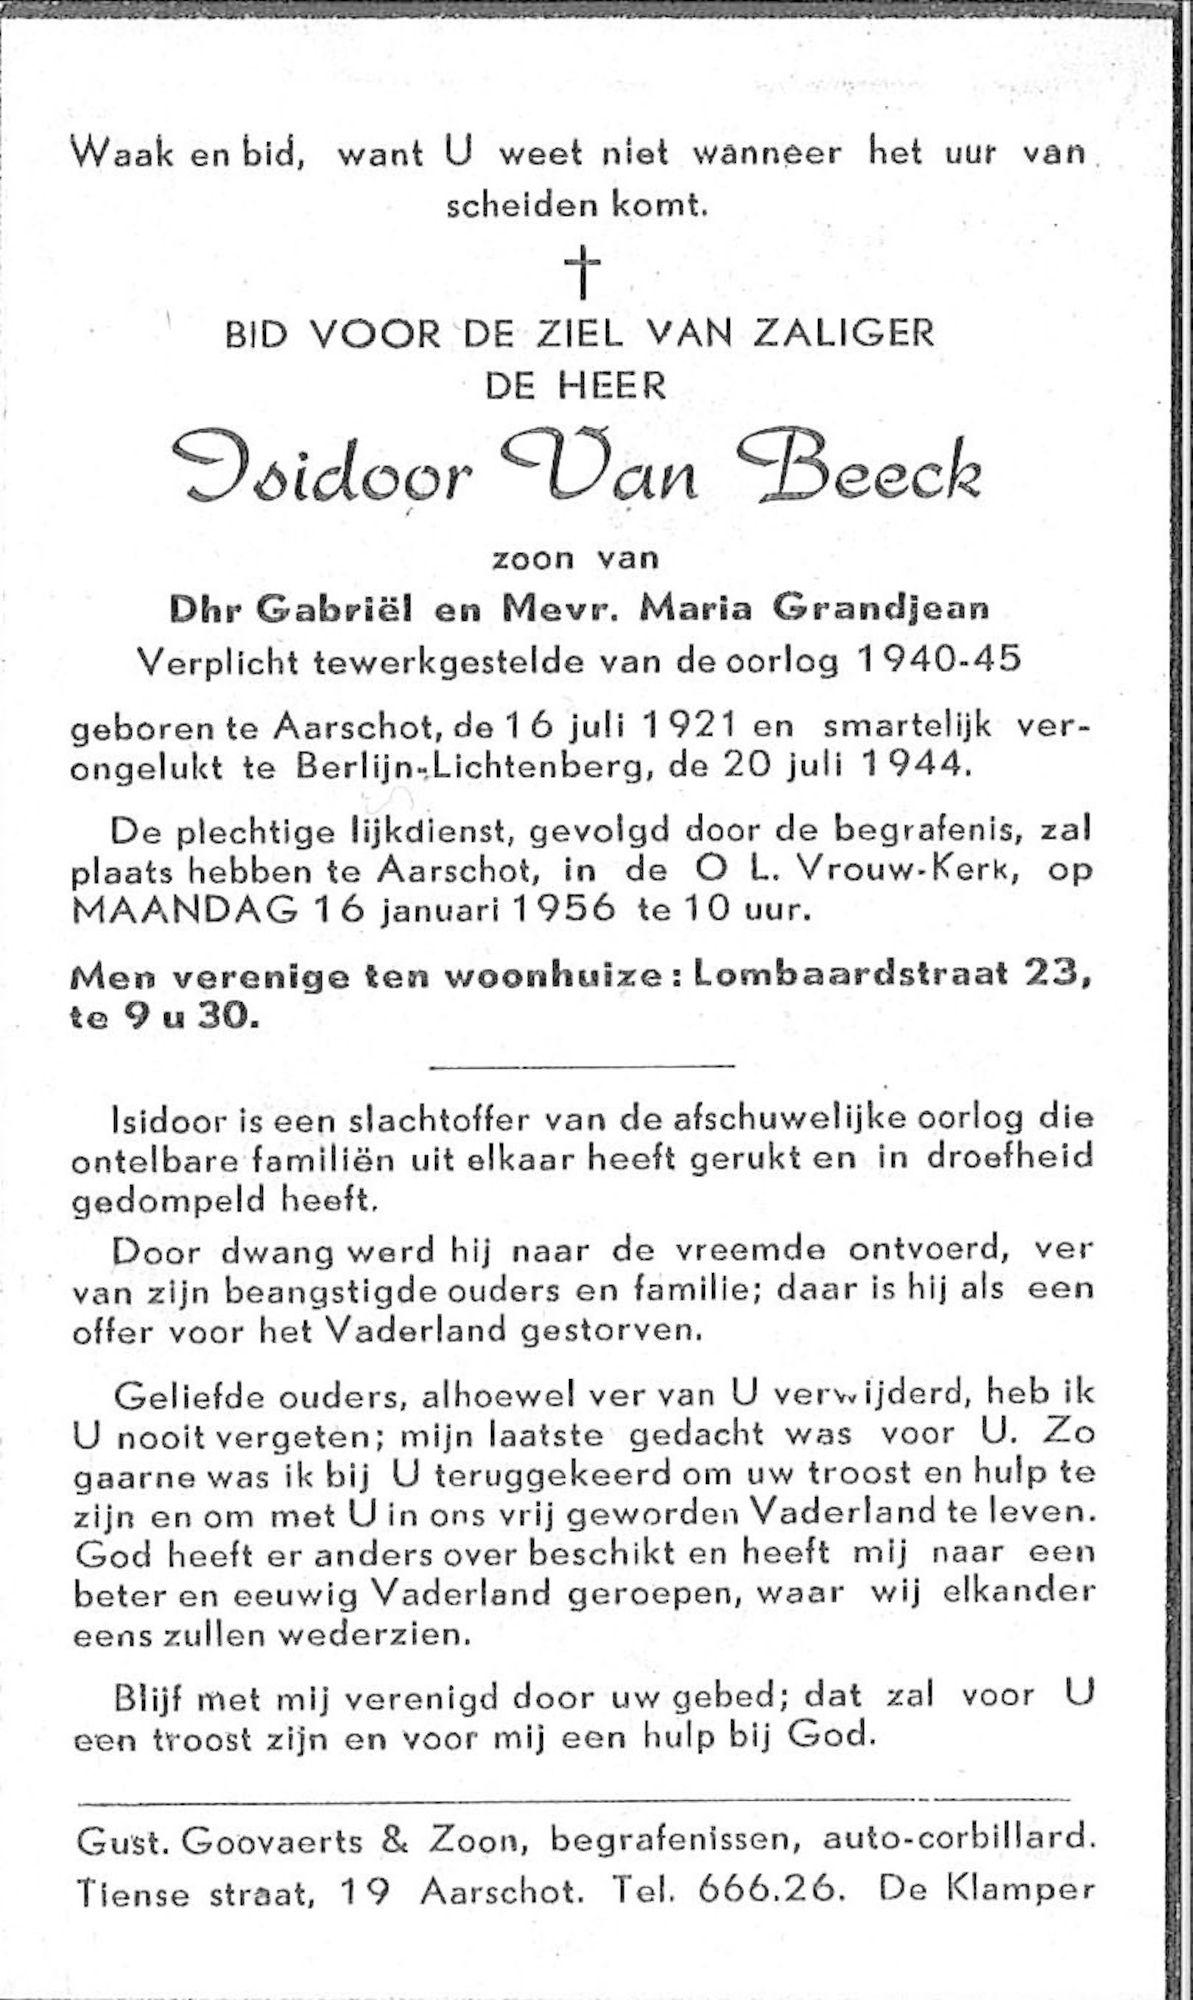 Isidoor Van Beeck